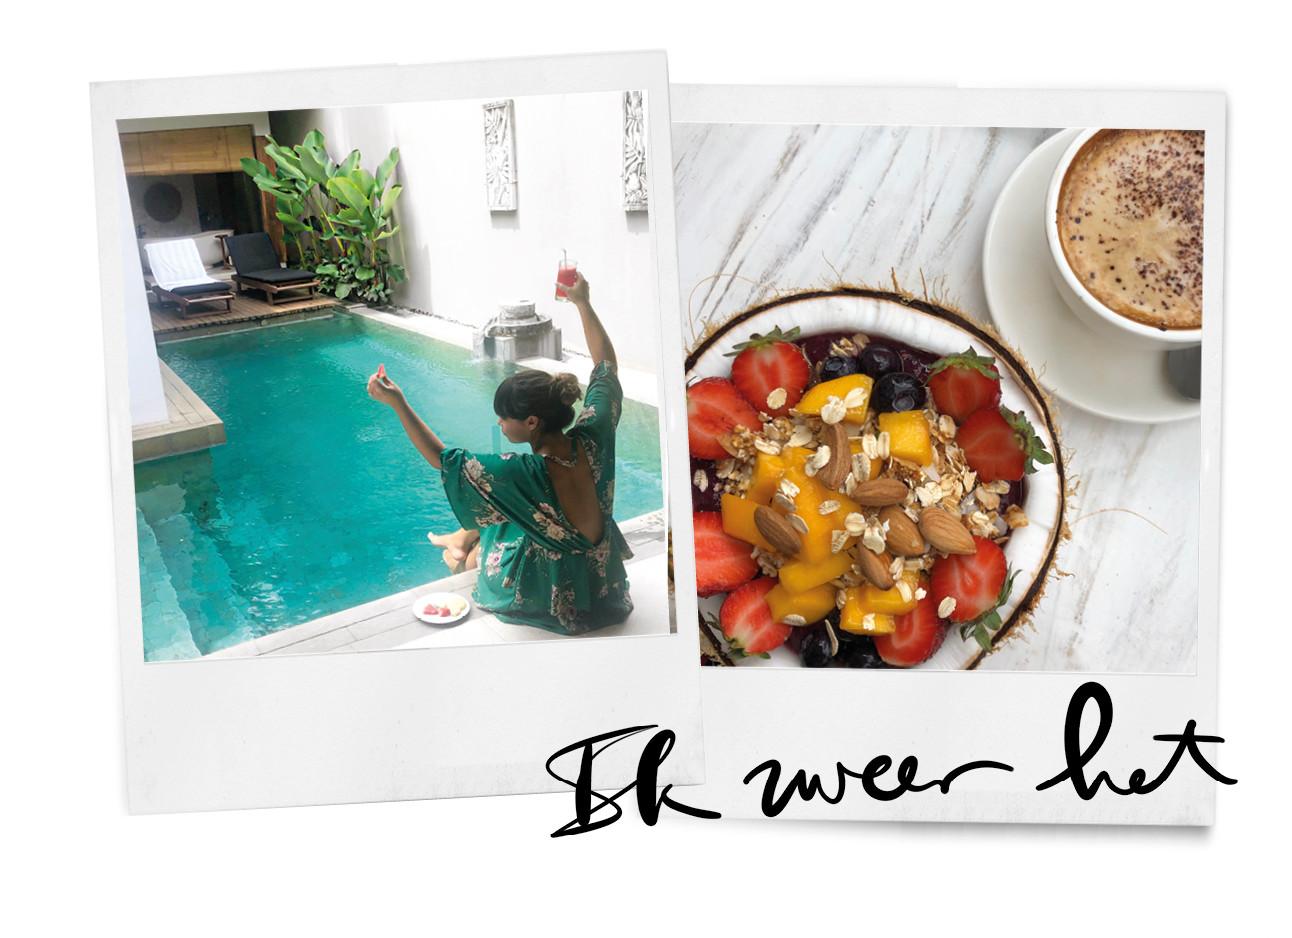 kiki in cangu op bali, acaibowl in een kokosnoot en koffie, zwembad, uitzicht